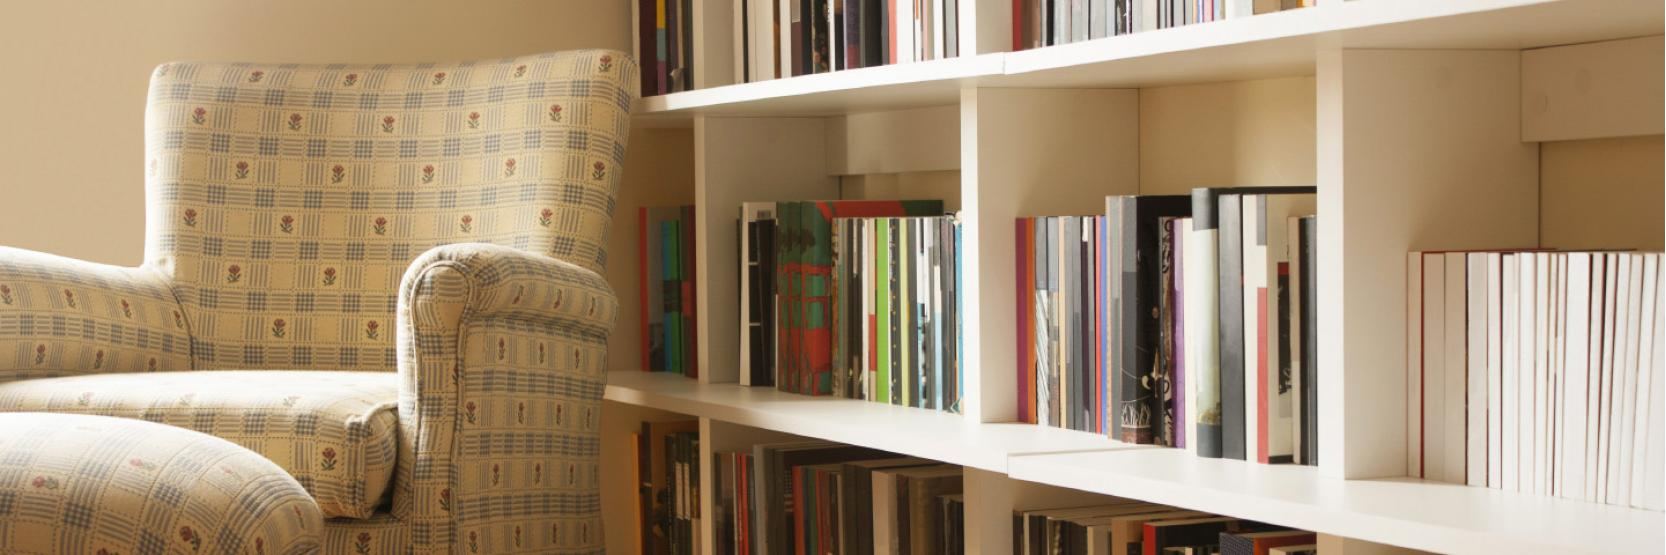 10 نصائح وحيل ذكية لتنظيم مجموعة كتبك